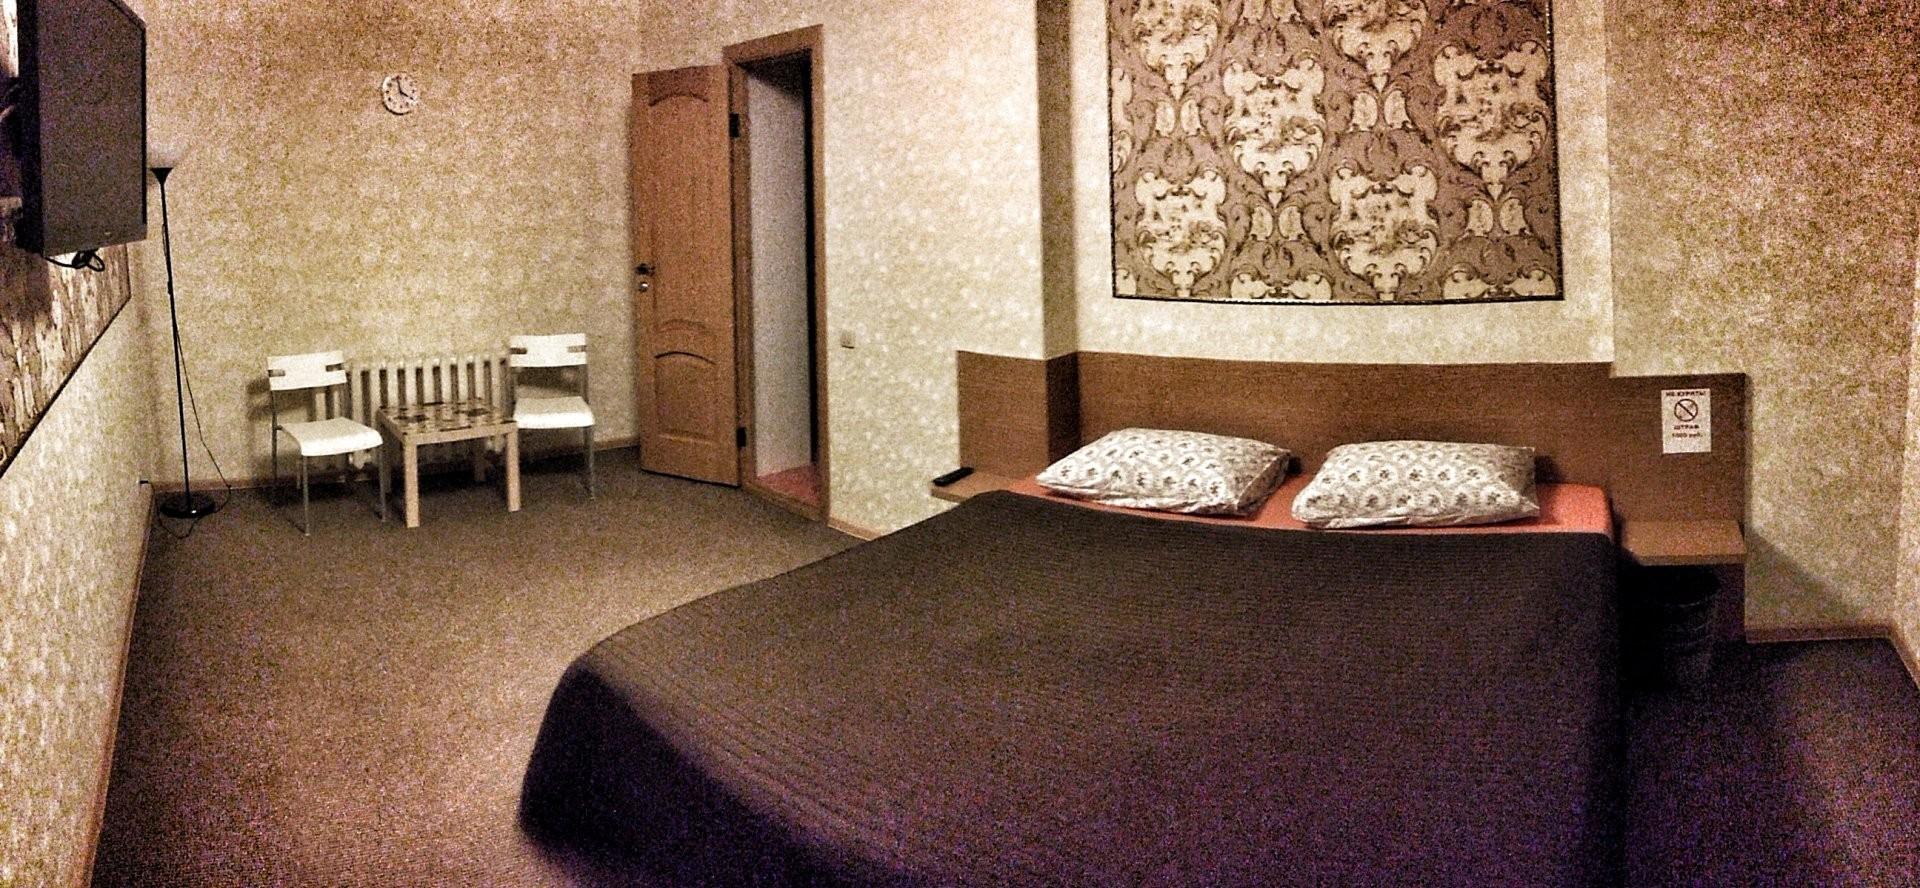 Мальта, гостиничный комплекс - №14